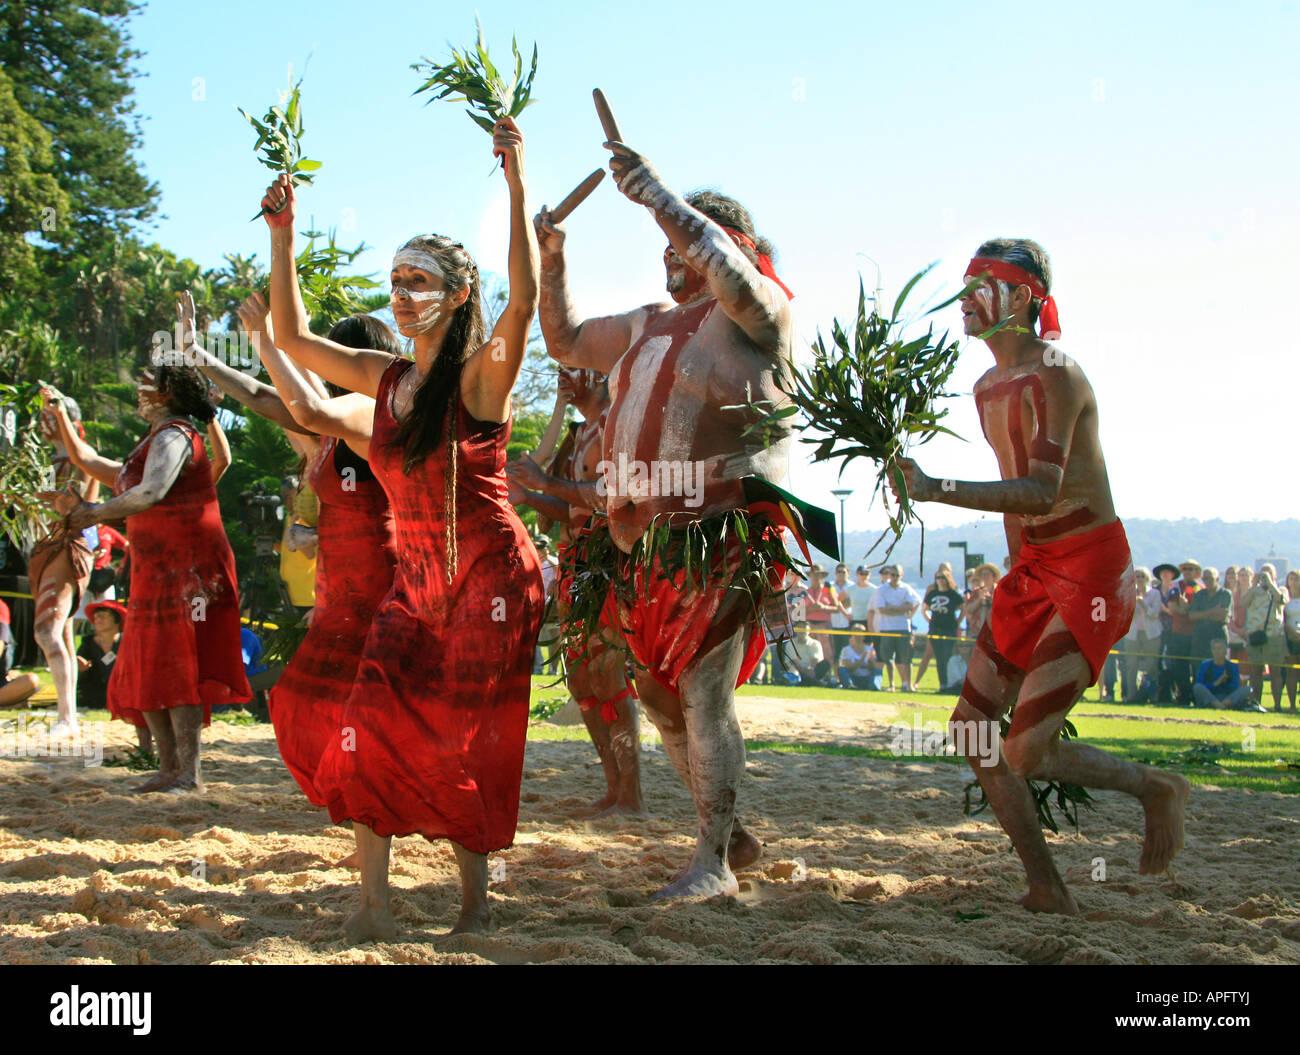 Aborigines Australien Tänzer der Tjapukai